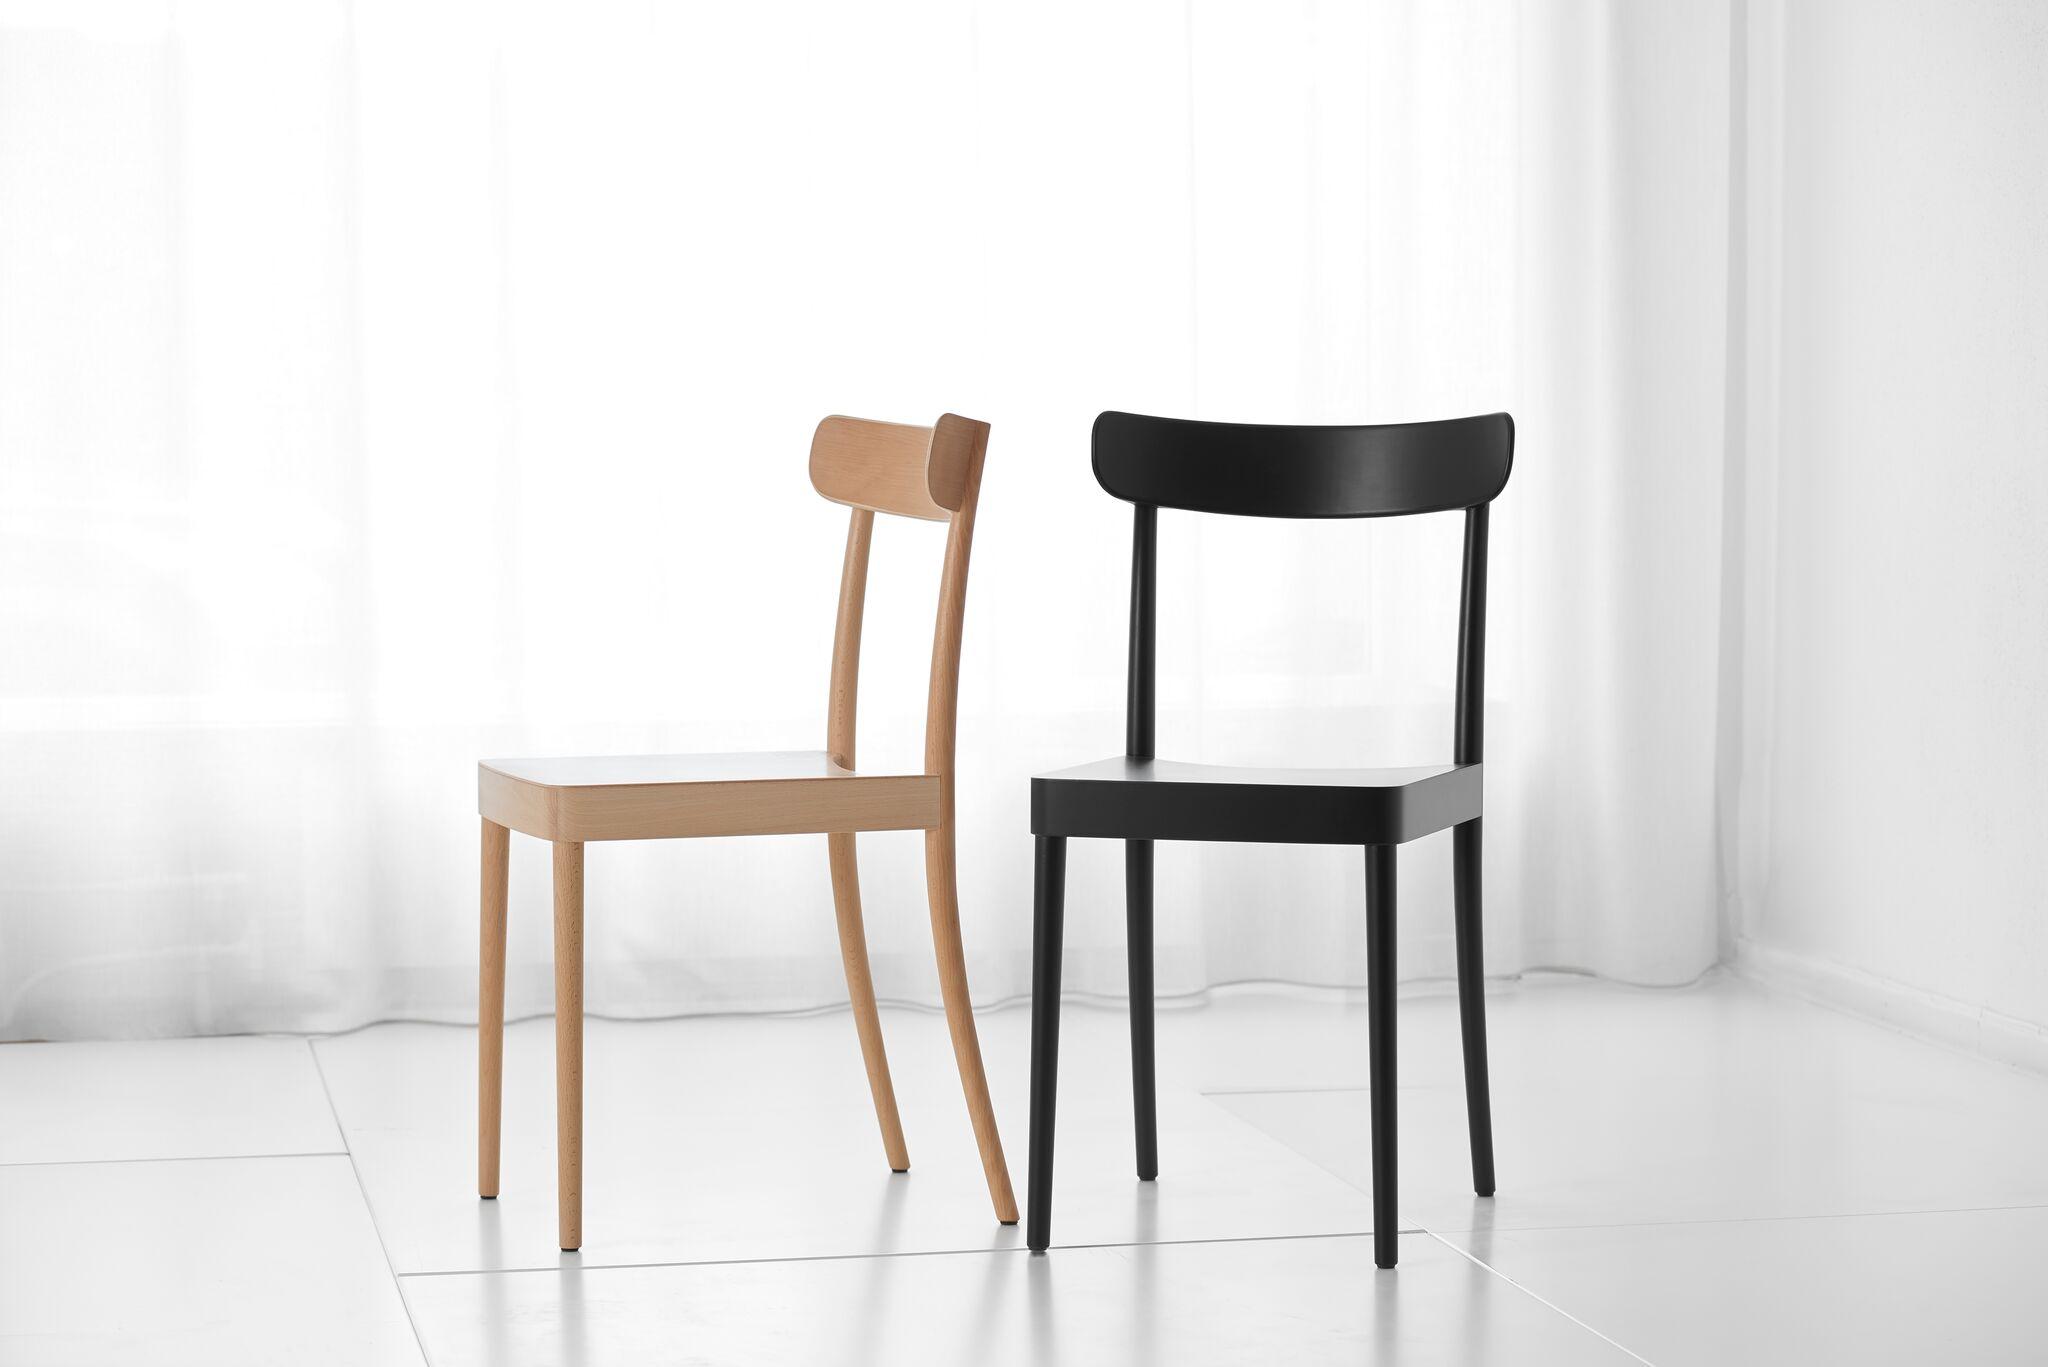 Sedie In Plastica Riciclata.5 Sedie Di Design Sostenibile Per Portare L Attenzione All